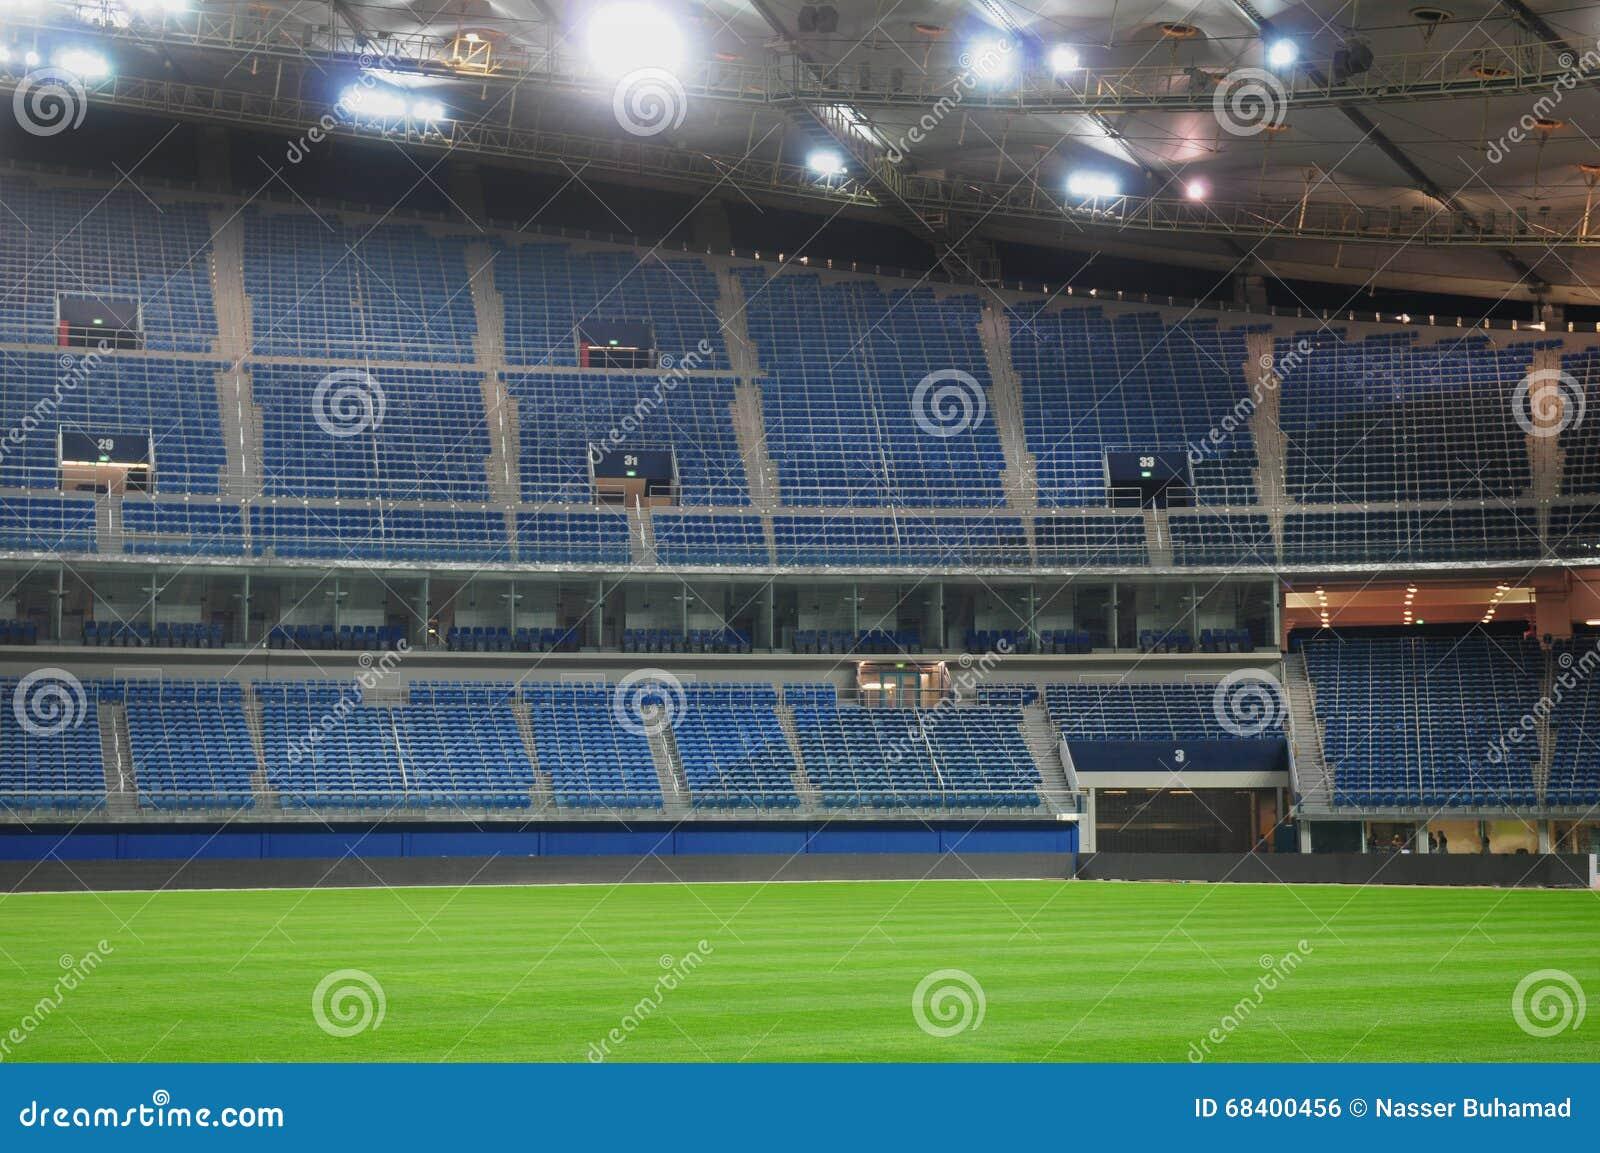 Jaber stadium